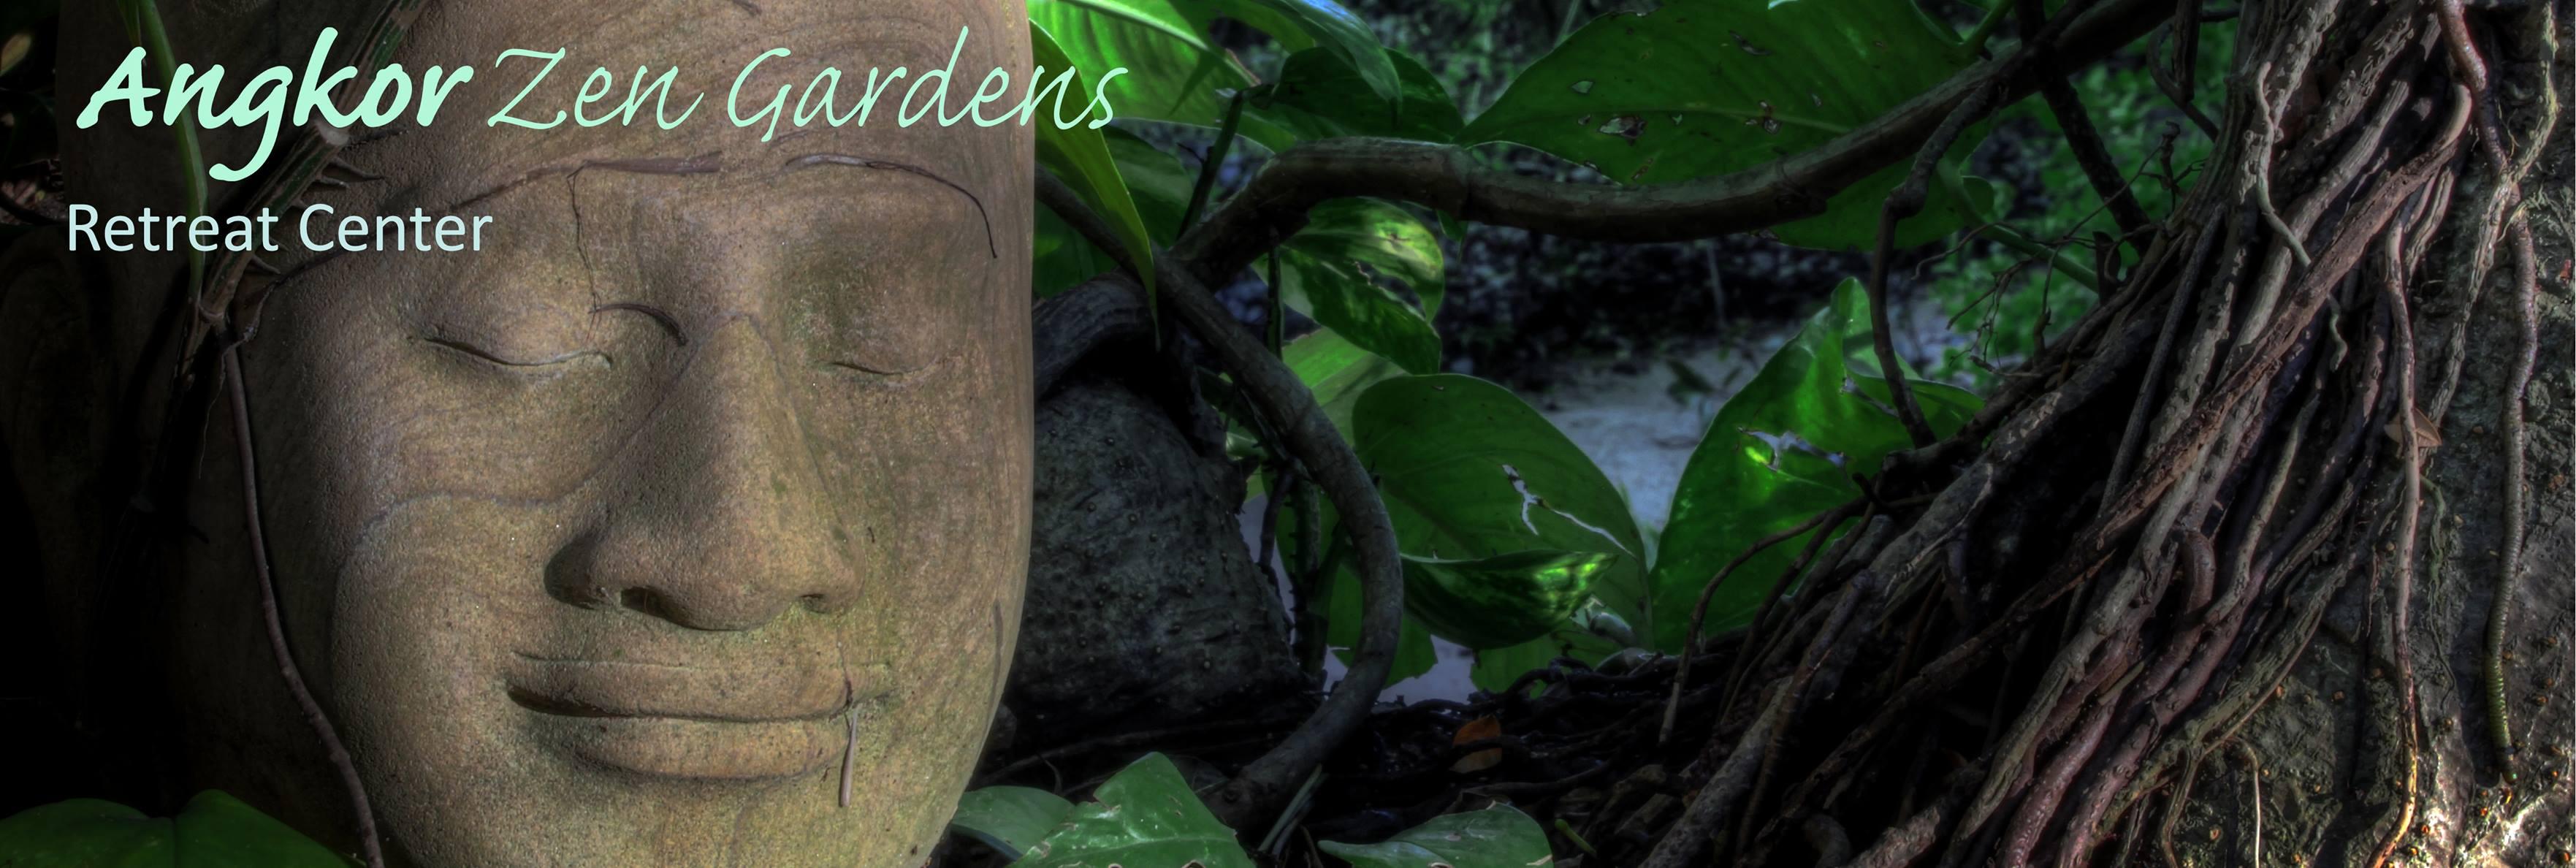 angkor-zen-gardens-retreat-center-cambodia-13